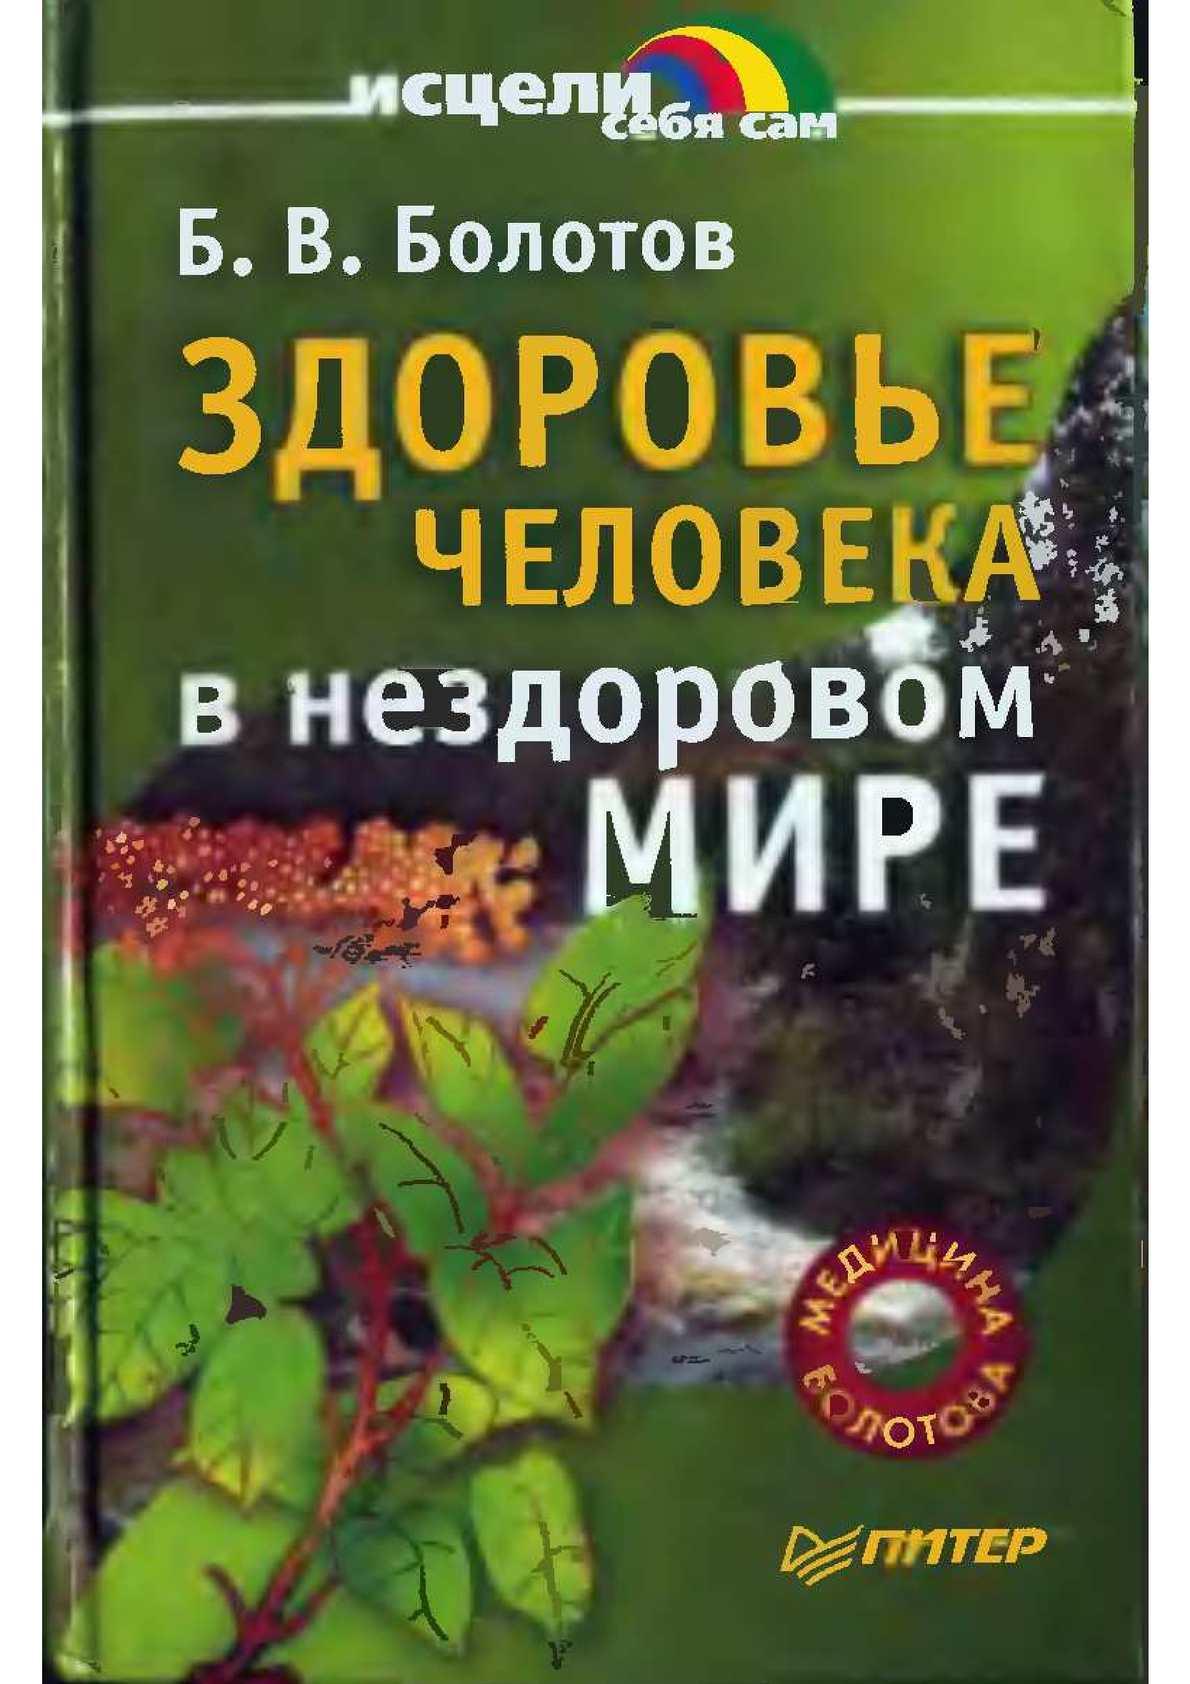 Болотов Б.В. Здоровье человека внездоровом мире